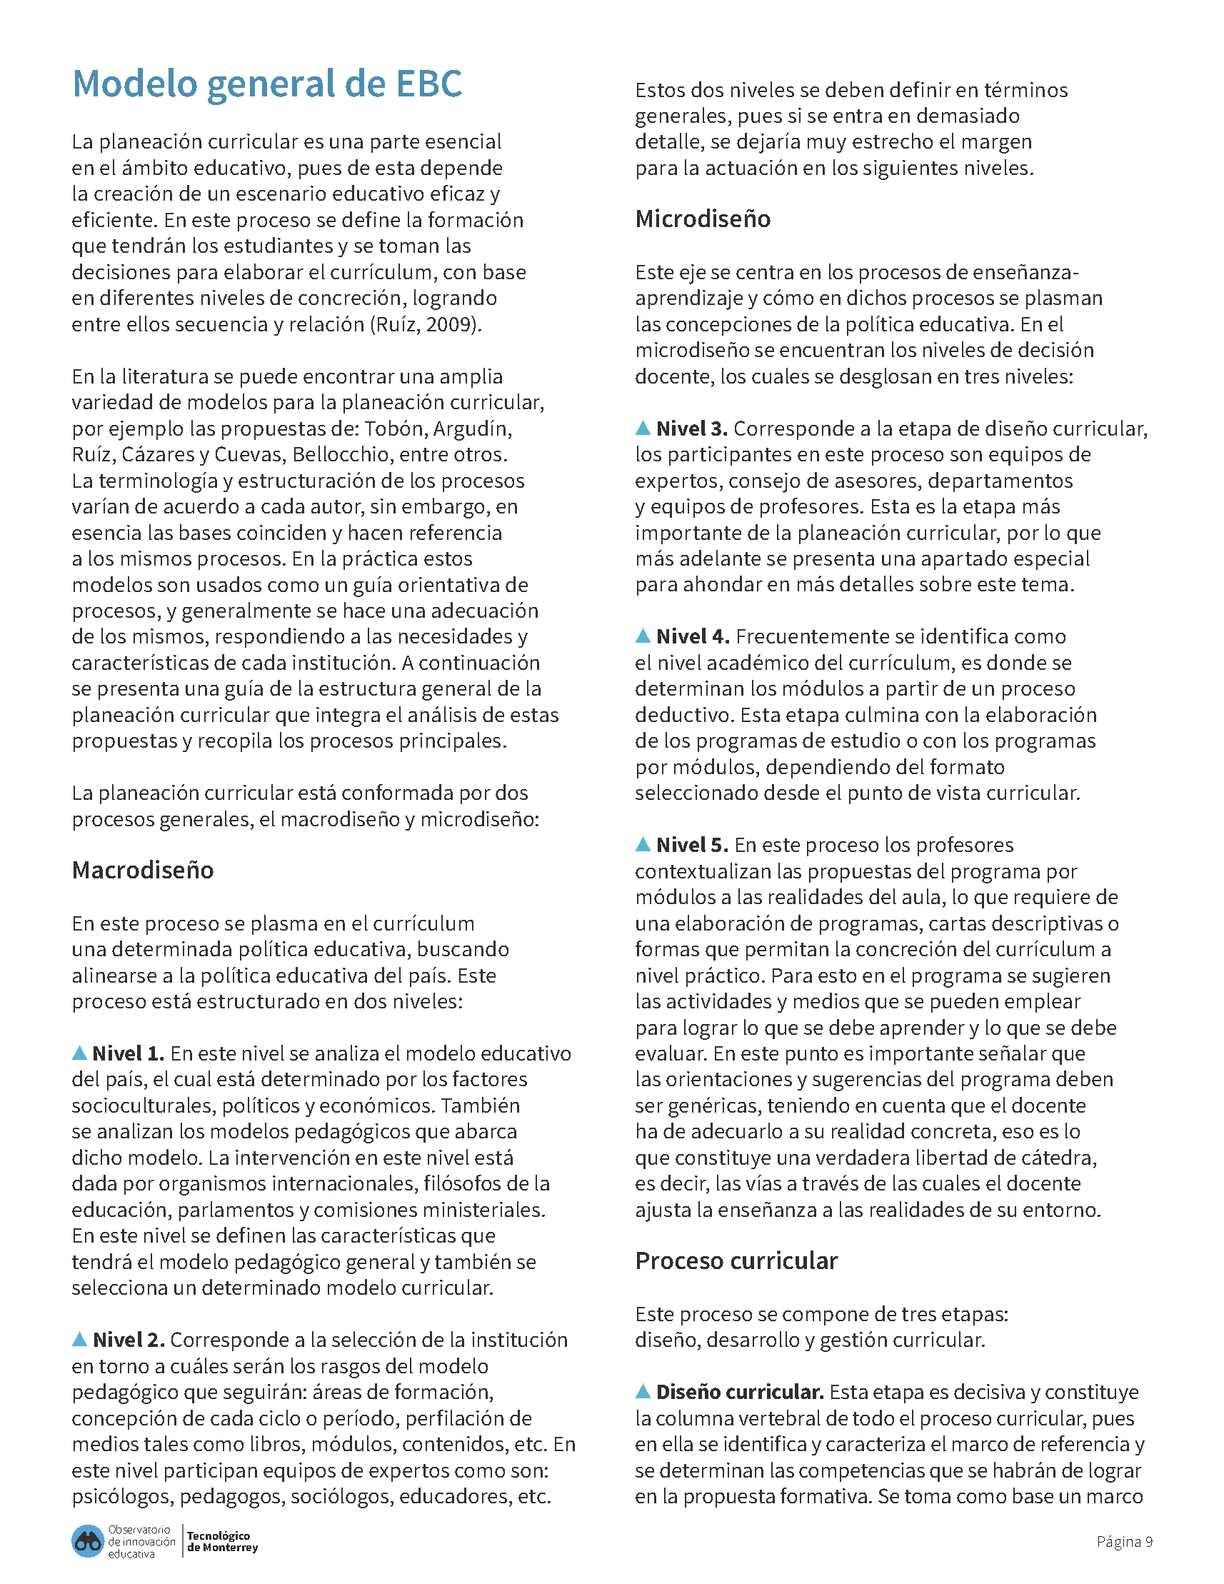 Atractivo Currículos De Expertos Para Maestros Y Educadores Motivo ...